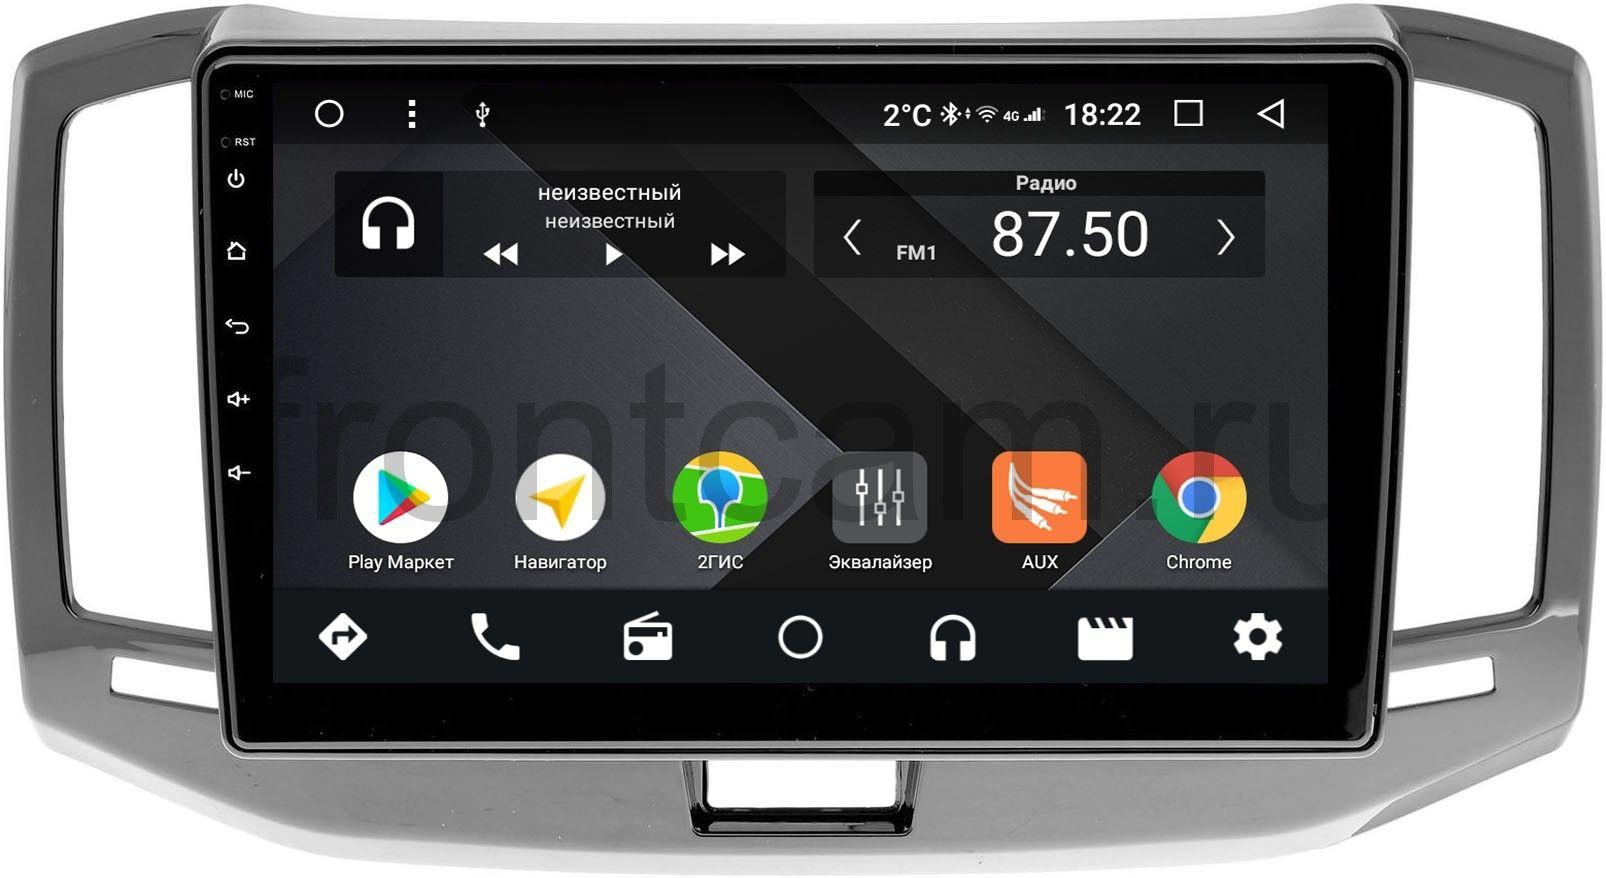 Штатная магнитола Wide Media CF10-1128PM-4/64 для Chery Bonus 3 (A19) 2014-2017 на Android 9.1 (TS9, DSP, 4G SIM, 4/64GB) (+ Камера заднего вида в подарок!)